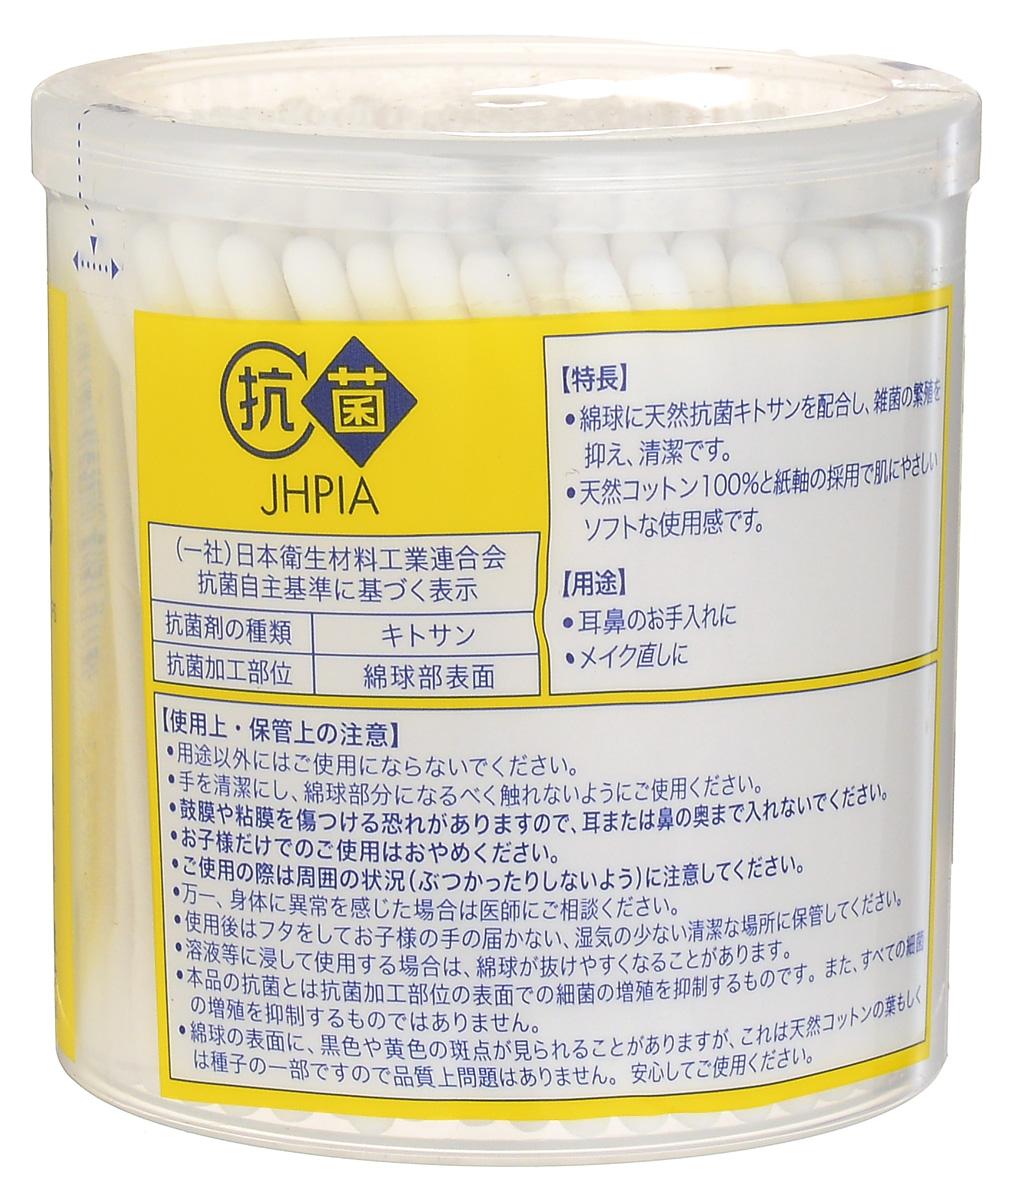 Cotton Labo Ватные палочки с бумажным стержнем Cotton Labo 200 шт.604375Ватные палочки с гибким бумажным стержнем предназначены для ежедневных гигиенических и косметических процедур. Аппликатор из экологически чистого 100% хлопка содержит хитозан - натуральный антибактериальный компонент, препятствующий размножению микроорганизмов. Удобная крышечка позволяет извлечь палочки из упаковки, не открывая ее полностью, что способствует сохранности гигиенических свойств товара.